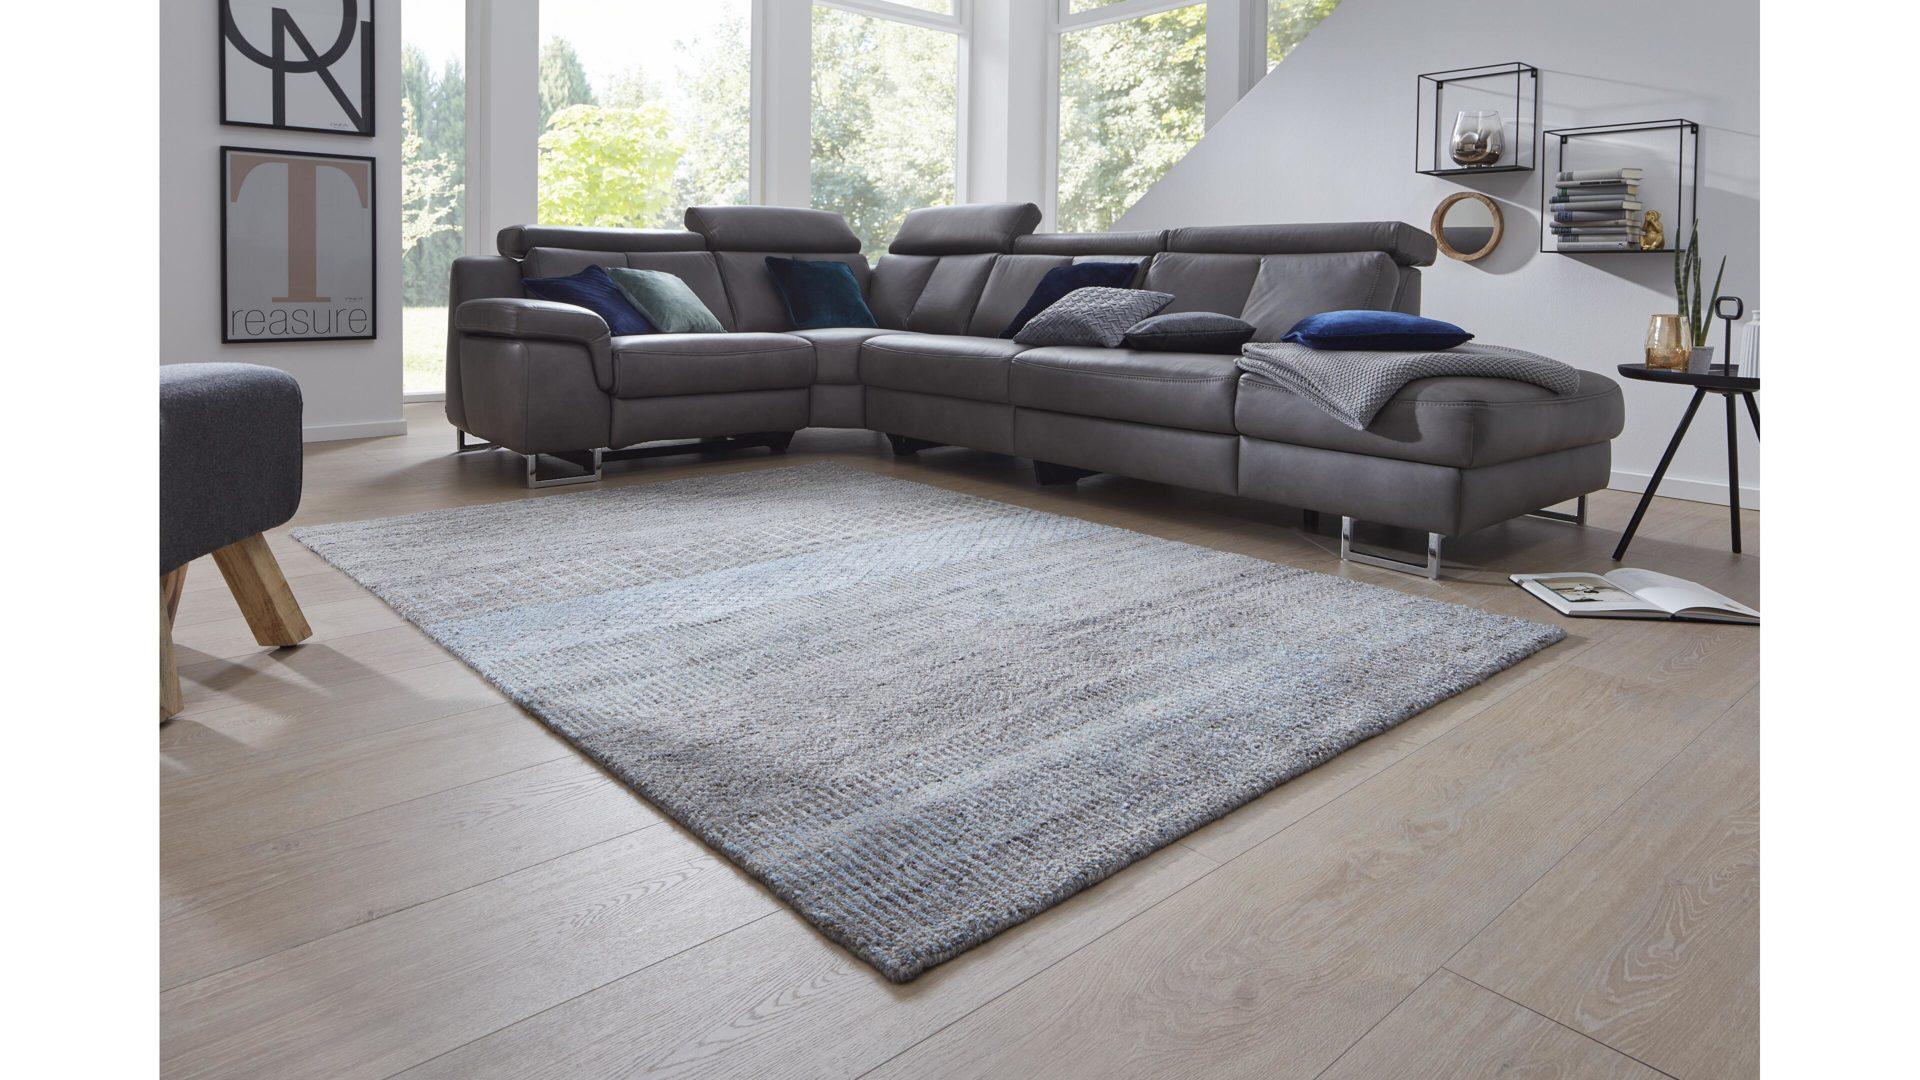 Interliving Teppich Serie S-18, grau-blau – ca. 18 x 18 cm